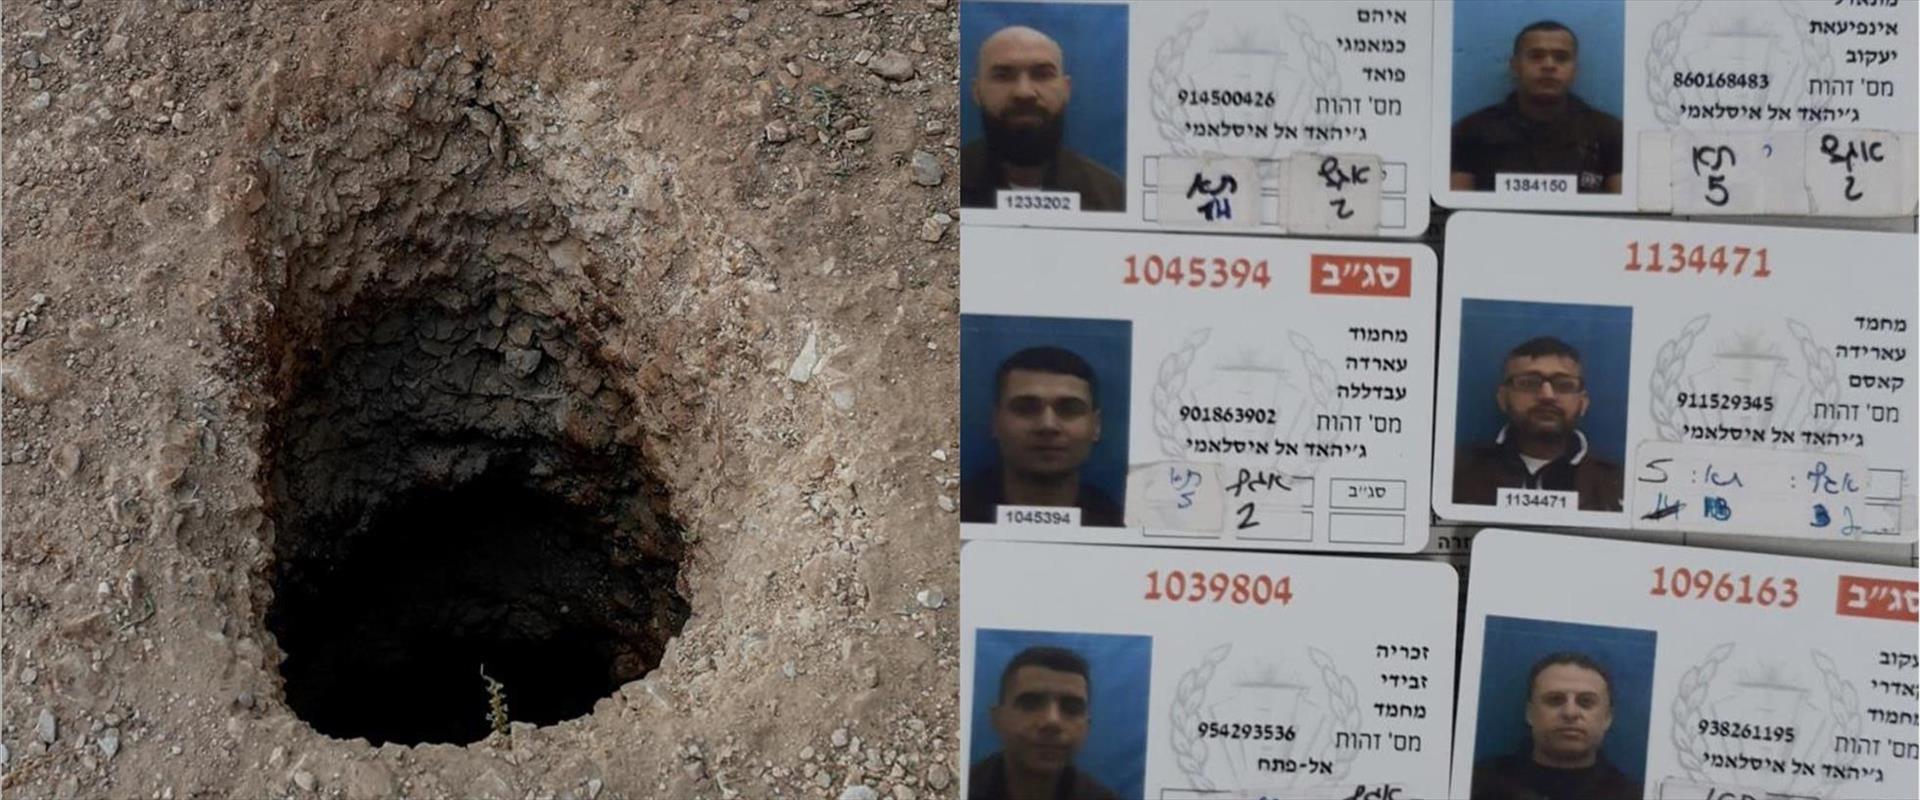 המחבלים שנמלטו; פיר המנהרה דרכה נמלטו